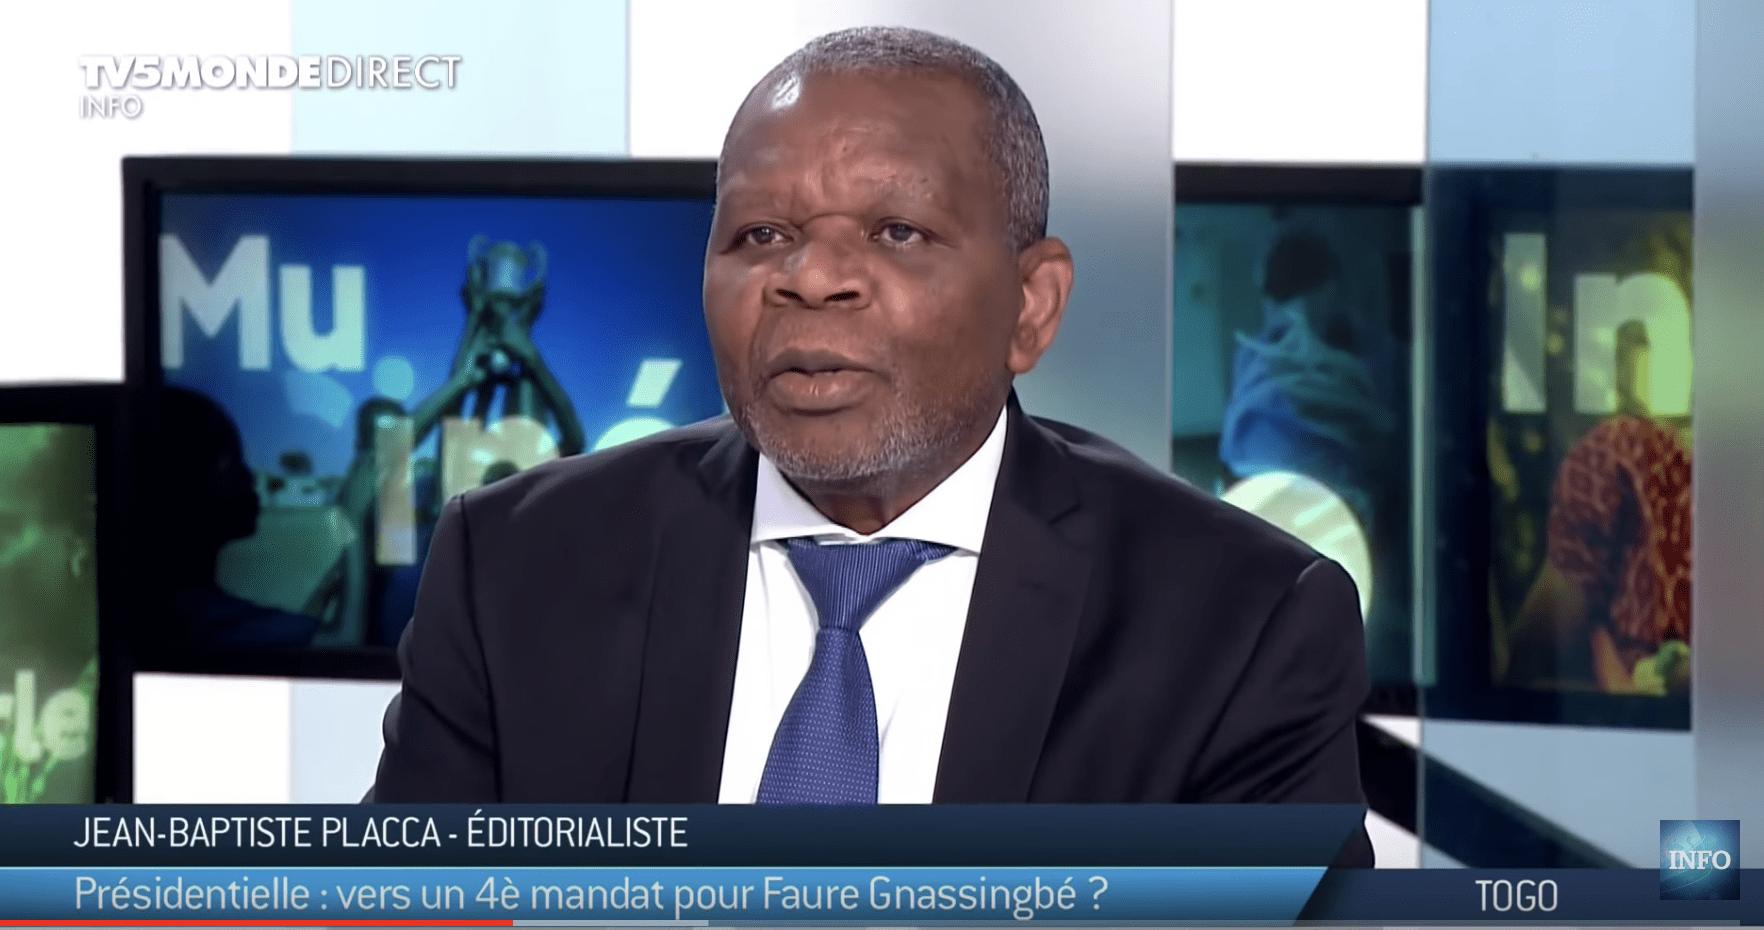 Présidentielle au Togo : Faure Gnassingbé est candidat, il gagnera. Il n'a jamais fait plus de 15%😞